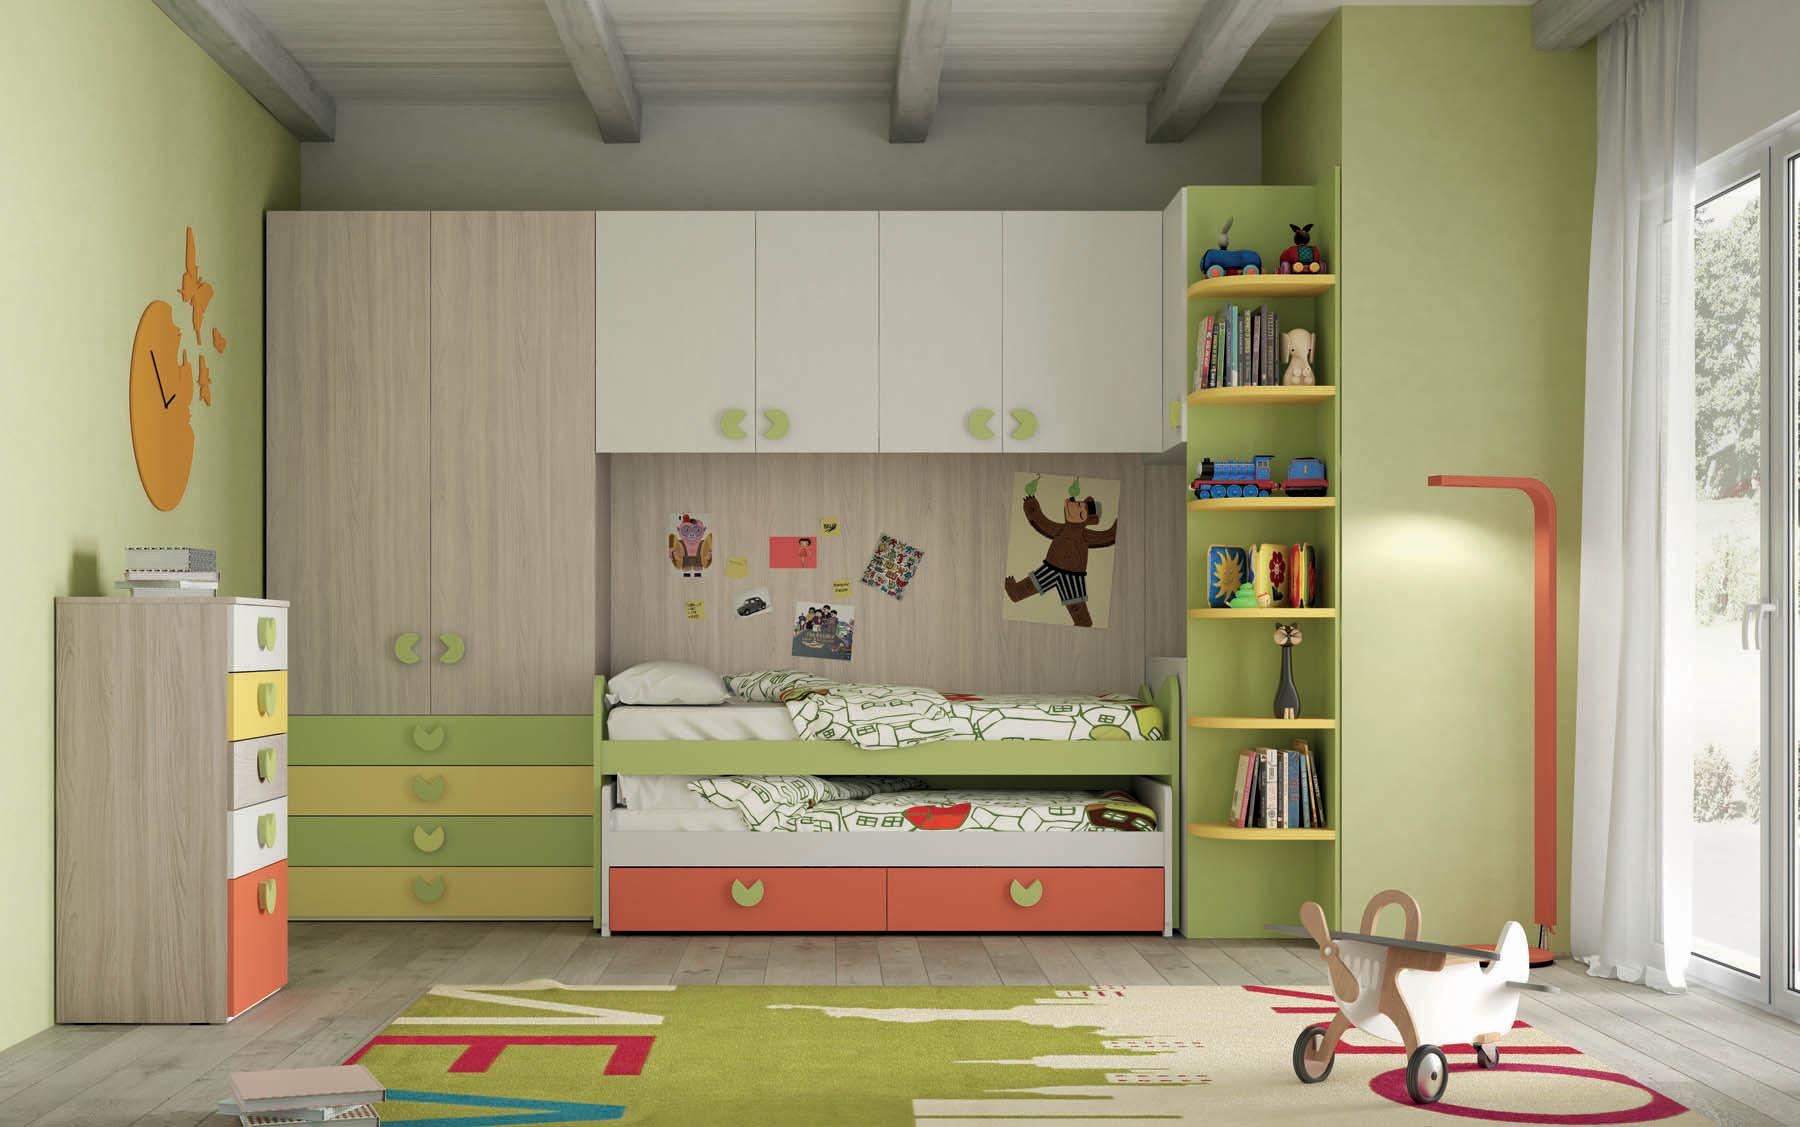 Camere e camerette a ponte per bambini - Mistral